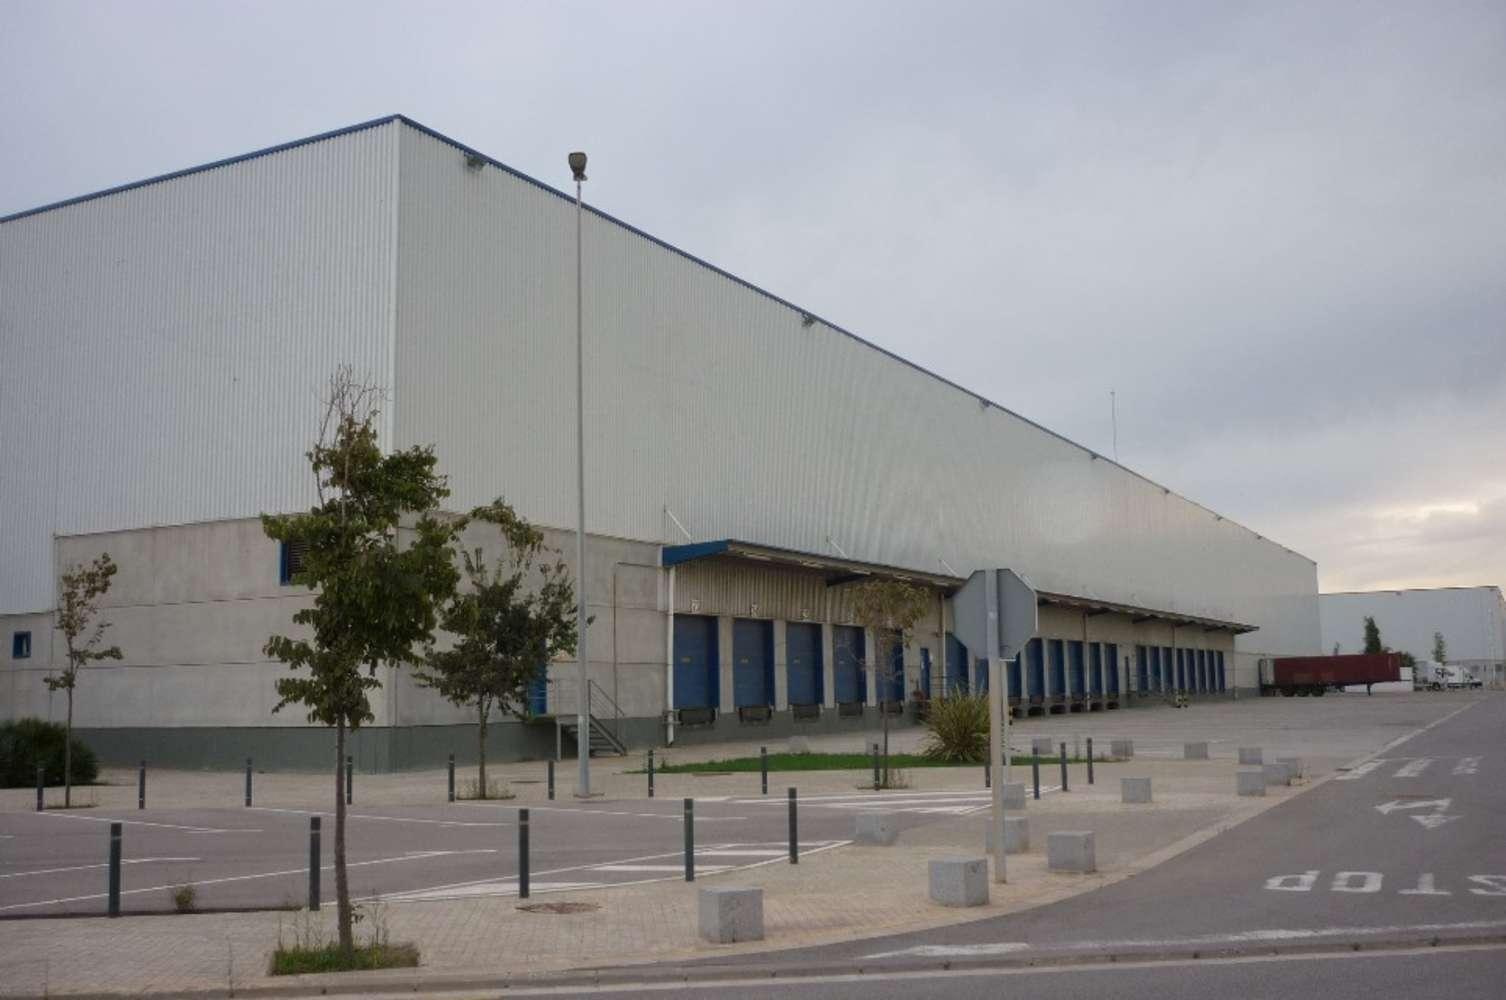 Naves industriales y logísticas Barcelona, 08040 - Nave Logística - B0047 - ZAL I PUERTO DE BARCELONA - 3330